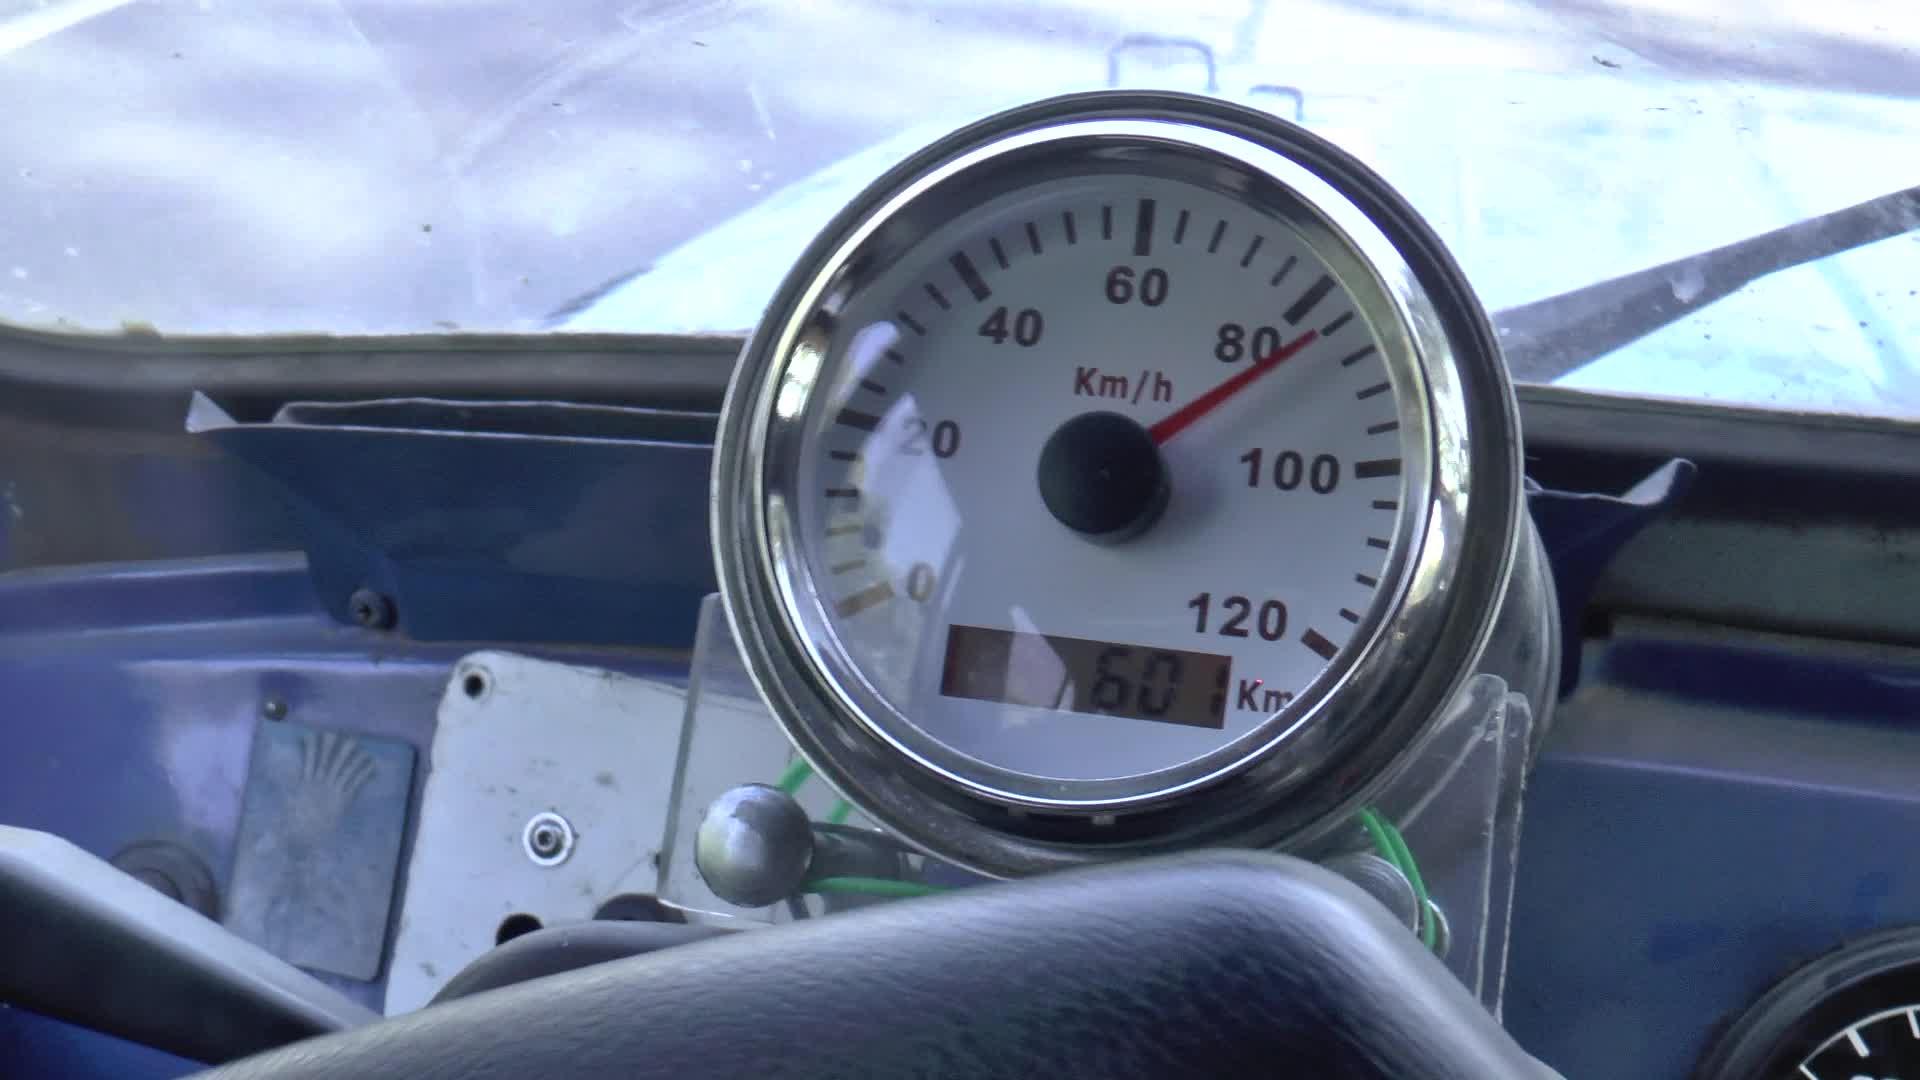 GPS спидометр на УАЗ 469